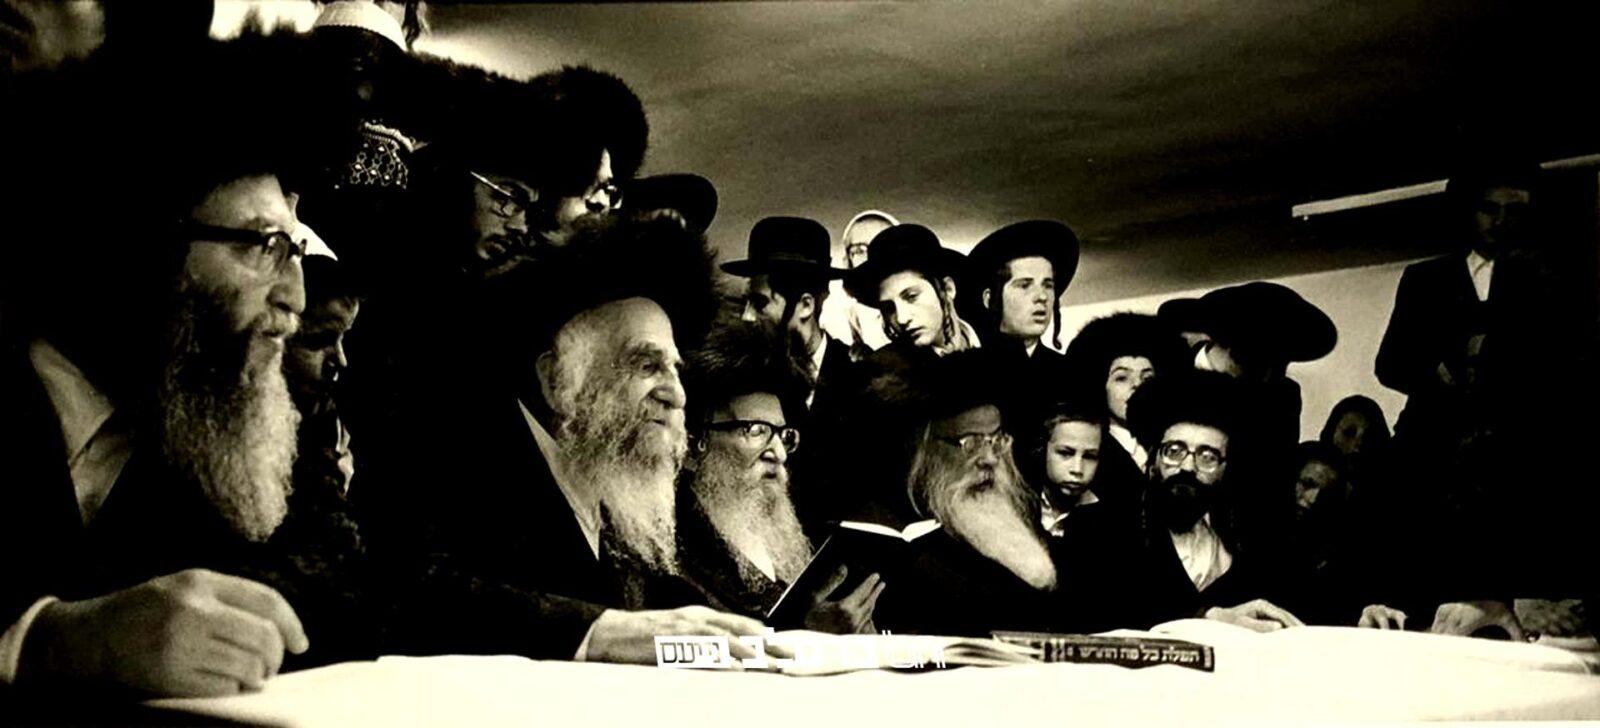 """טוֹב וָחֶסֶד • צפו בתיעוד משיחת הגה""""ח רבי לוי יצחק בנדר בסעודת הילולת רבינו הקדוש מלפני 36 שנים"""